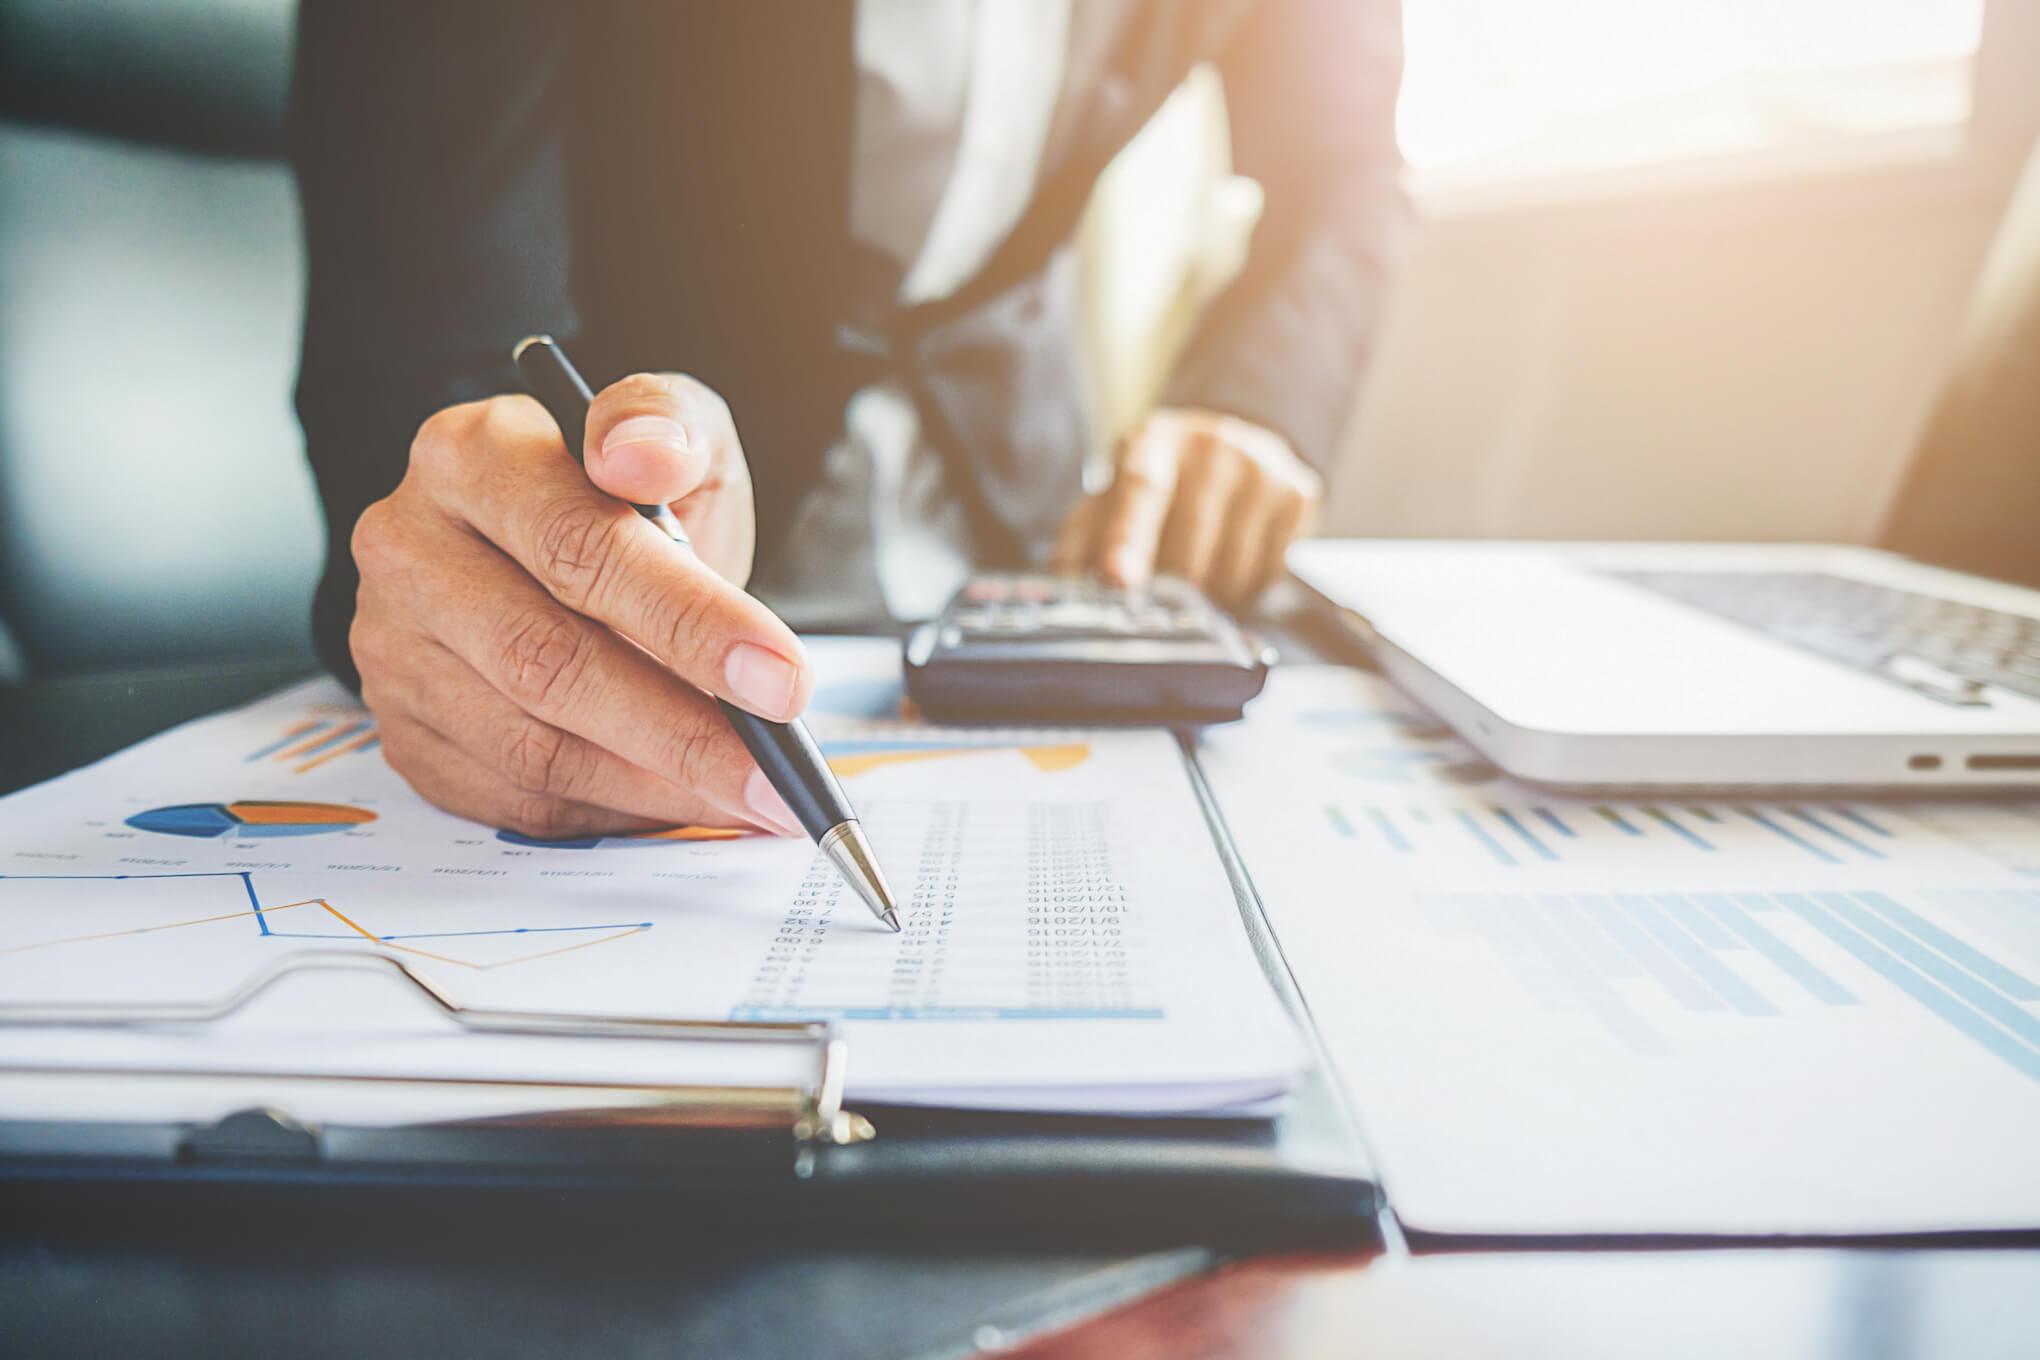 Verificarea unei firme online - Cum te poate ajuta?